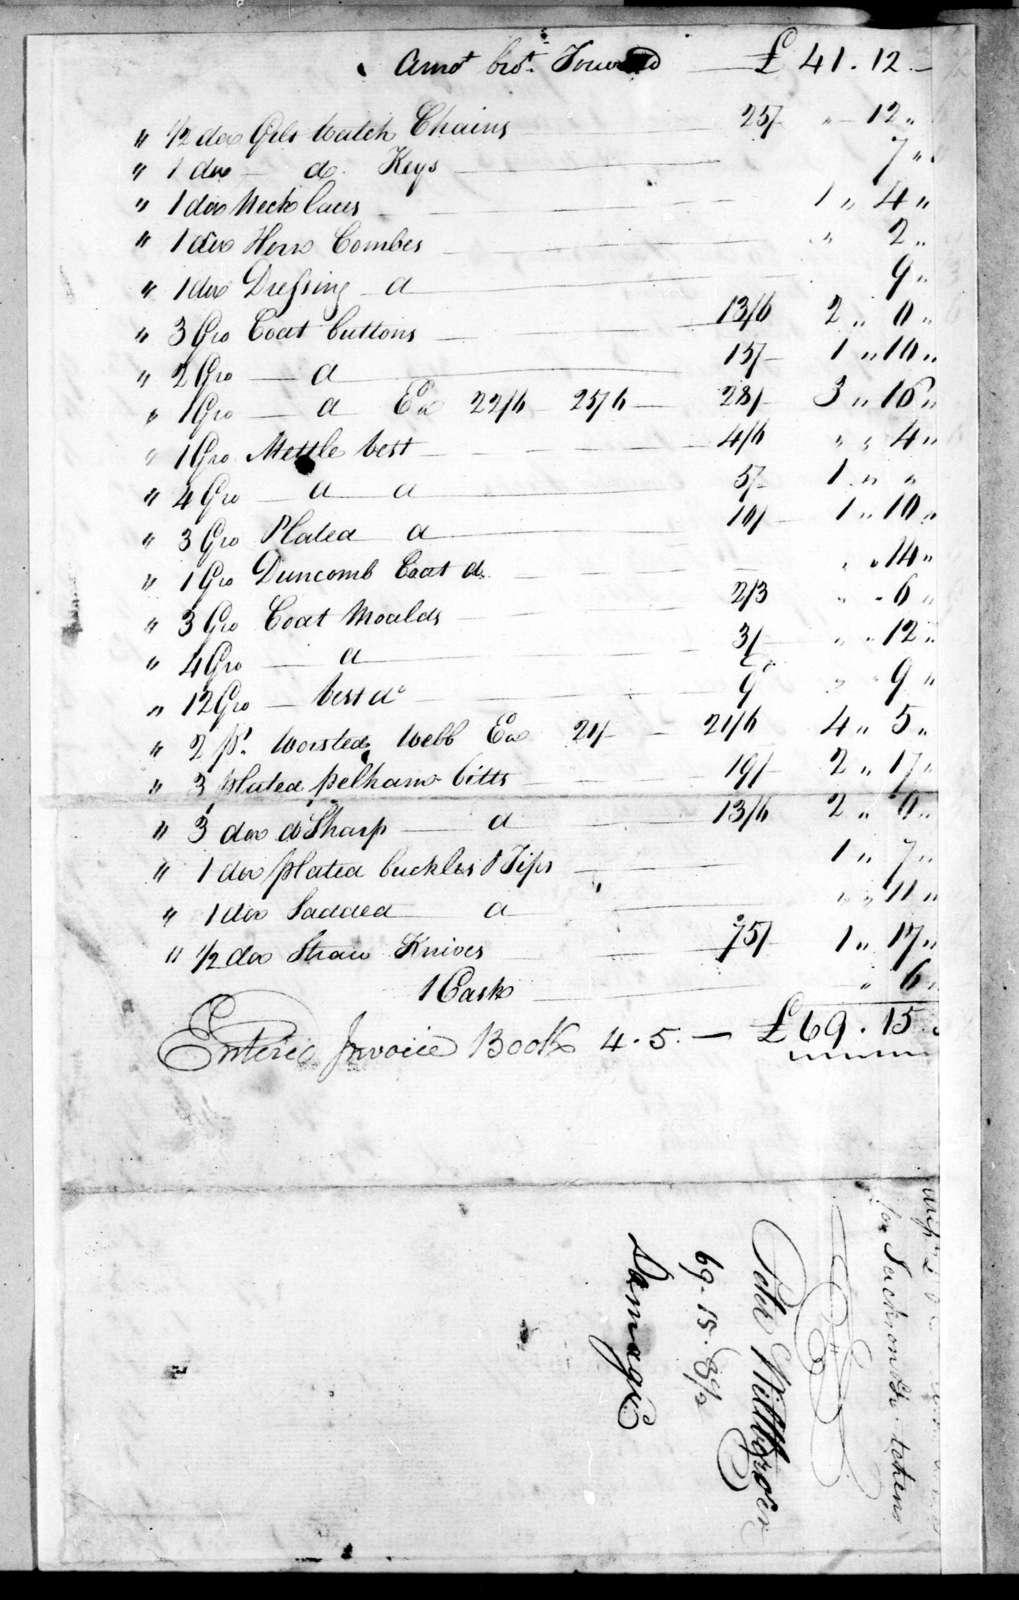 Peter Wilbur to Deaderick & Tatum, May 12, 1802